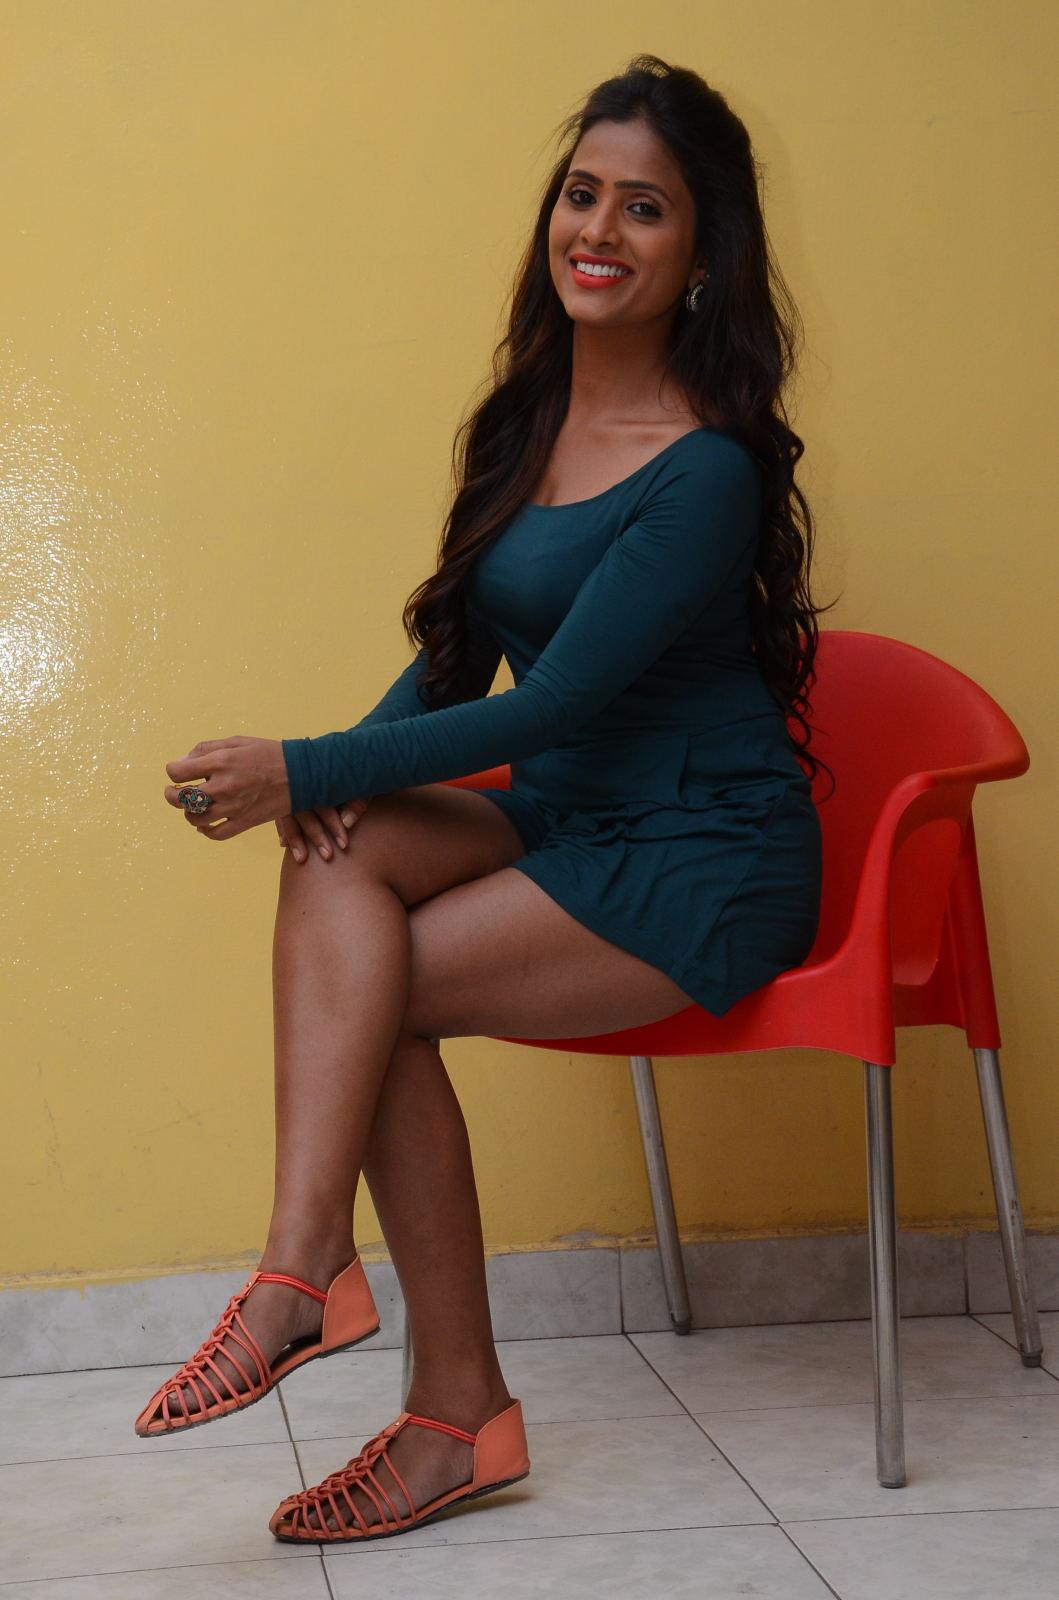 prashanthi Super Hot Prashanthi In Sexy Outfit | Indian Cinema | Models | Actresses Prashanthi Hot Photo Stills 134